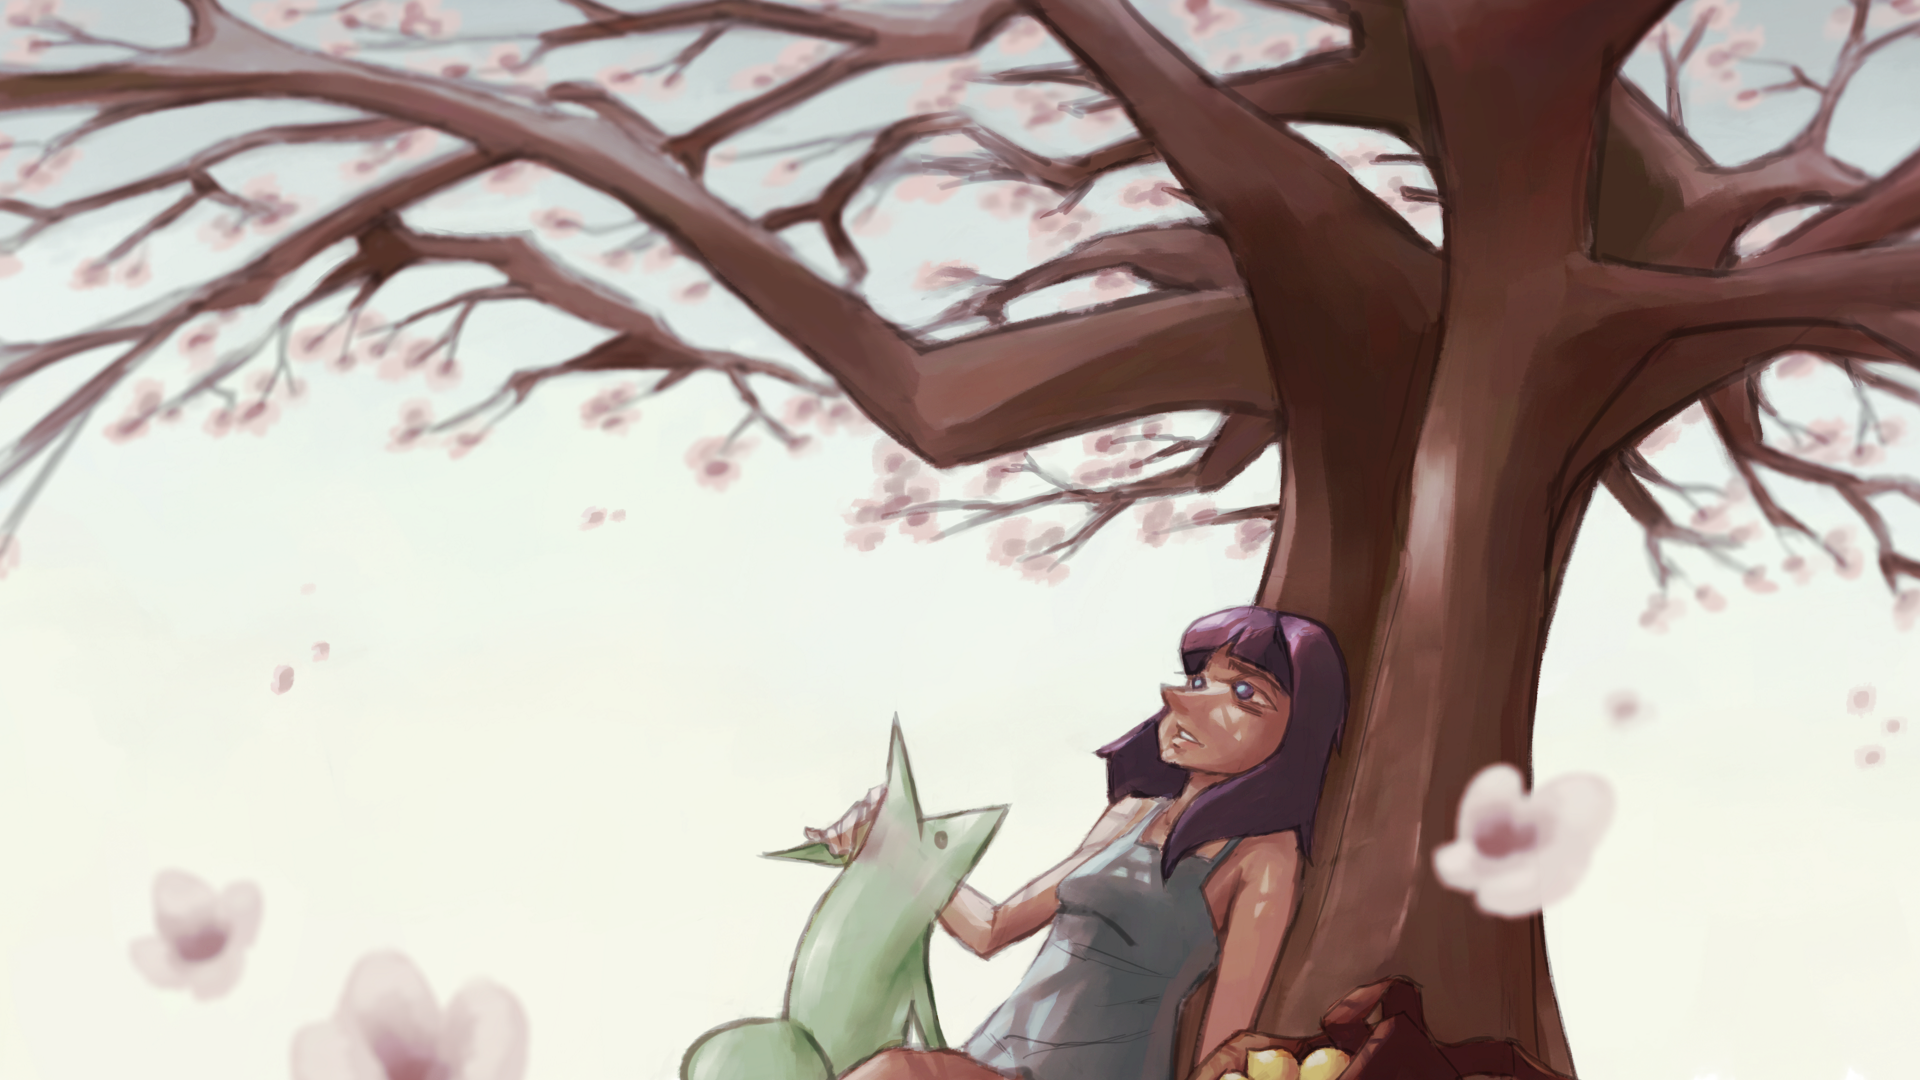 Dreams of Cherries